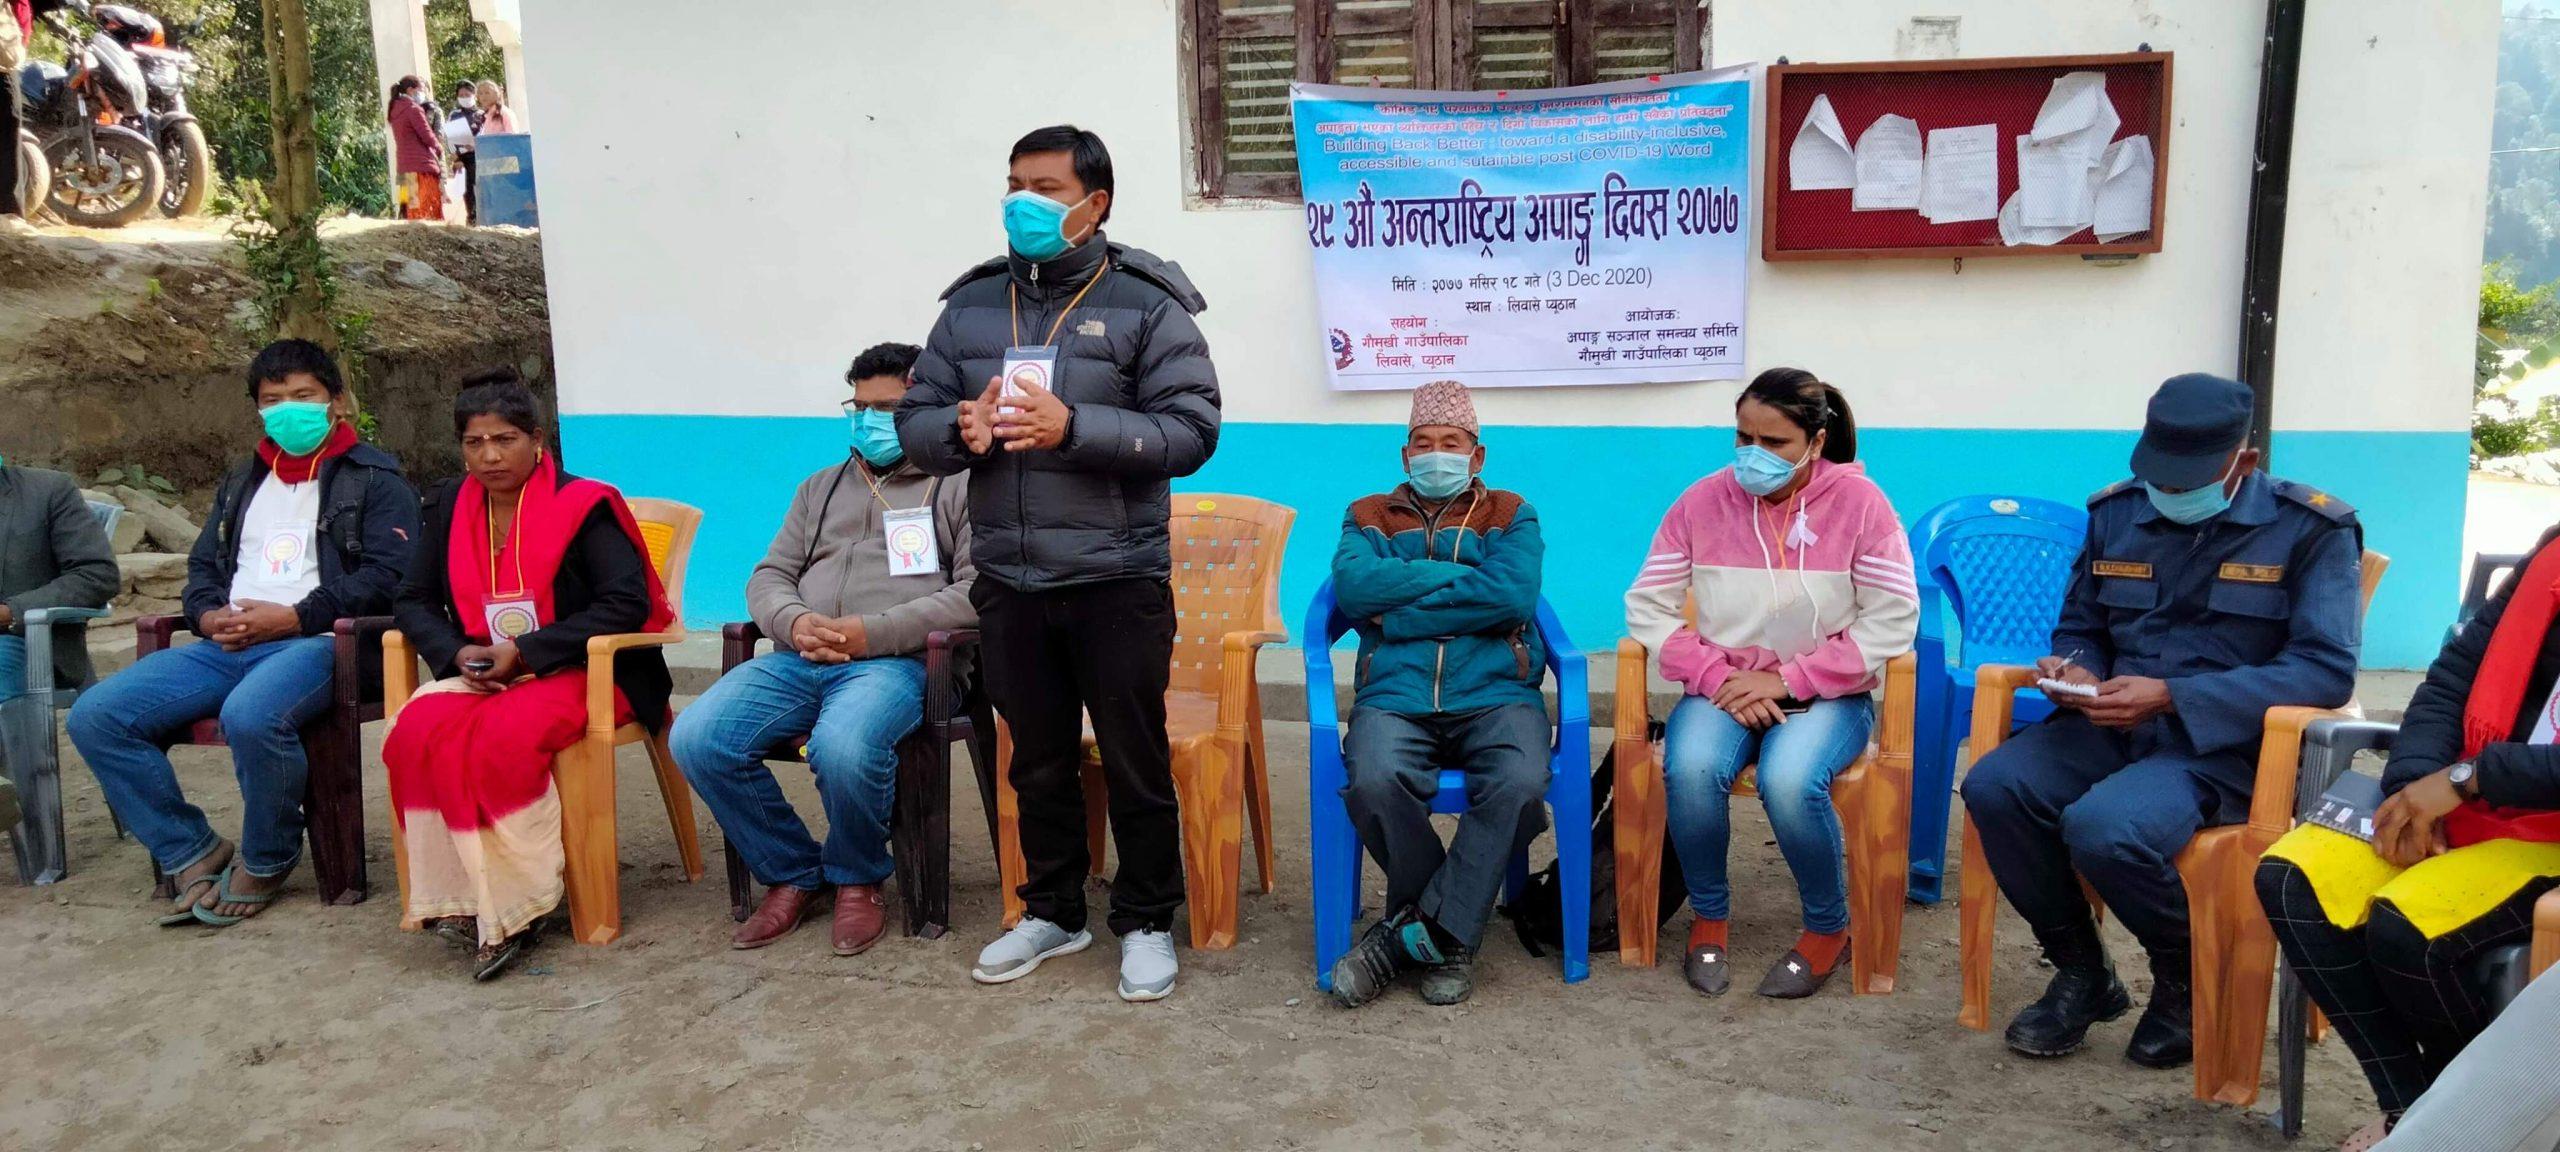 २९ औं अन्तरार्ष्ट्रिय अपाङ्ग दिबसको अवसरमा गौमुखिमा र्यालि र अन्तरक्रिया